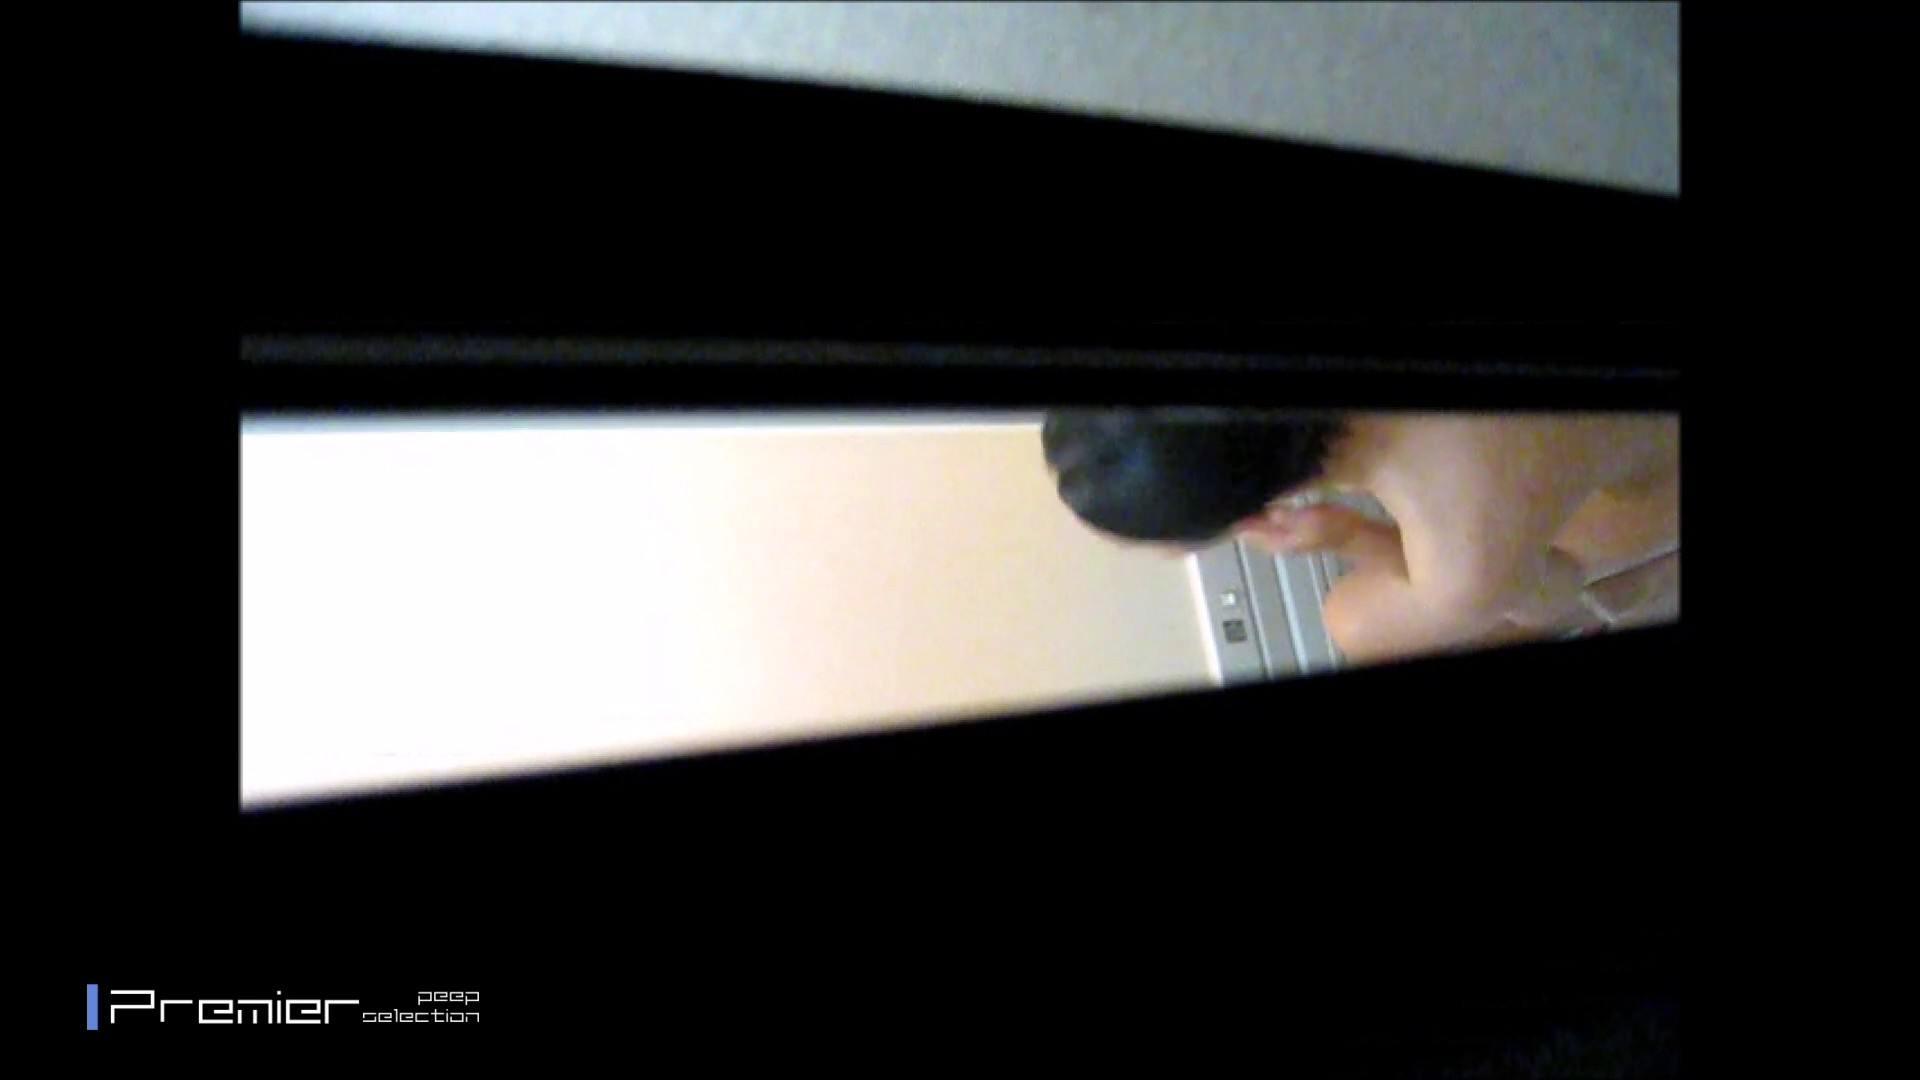 スレンダー美女の桃色乳首 乙女の風呂場 Vol.09 乳首 われめAV動画紹介 77PIX 15